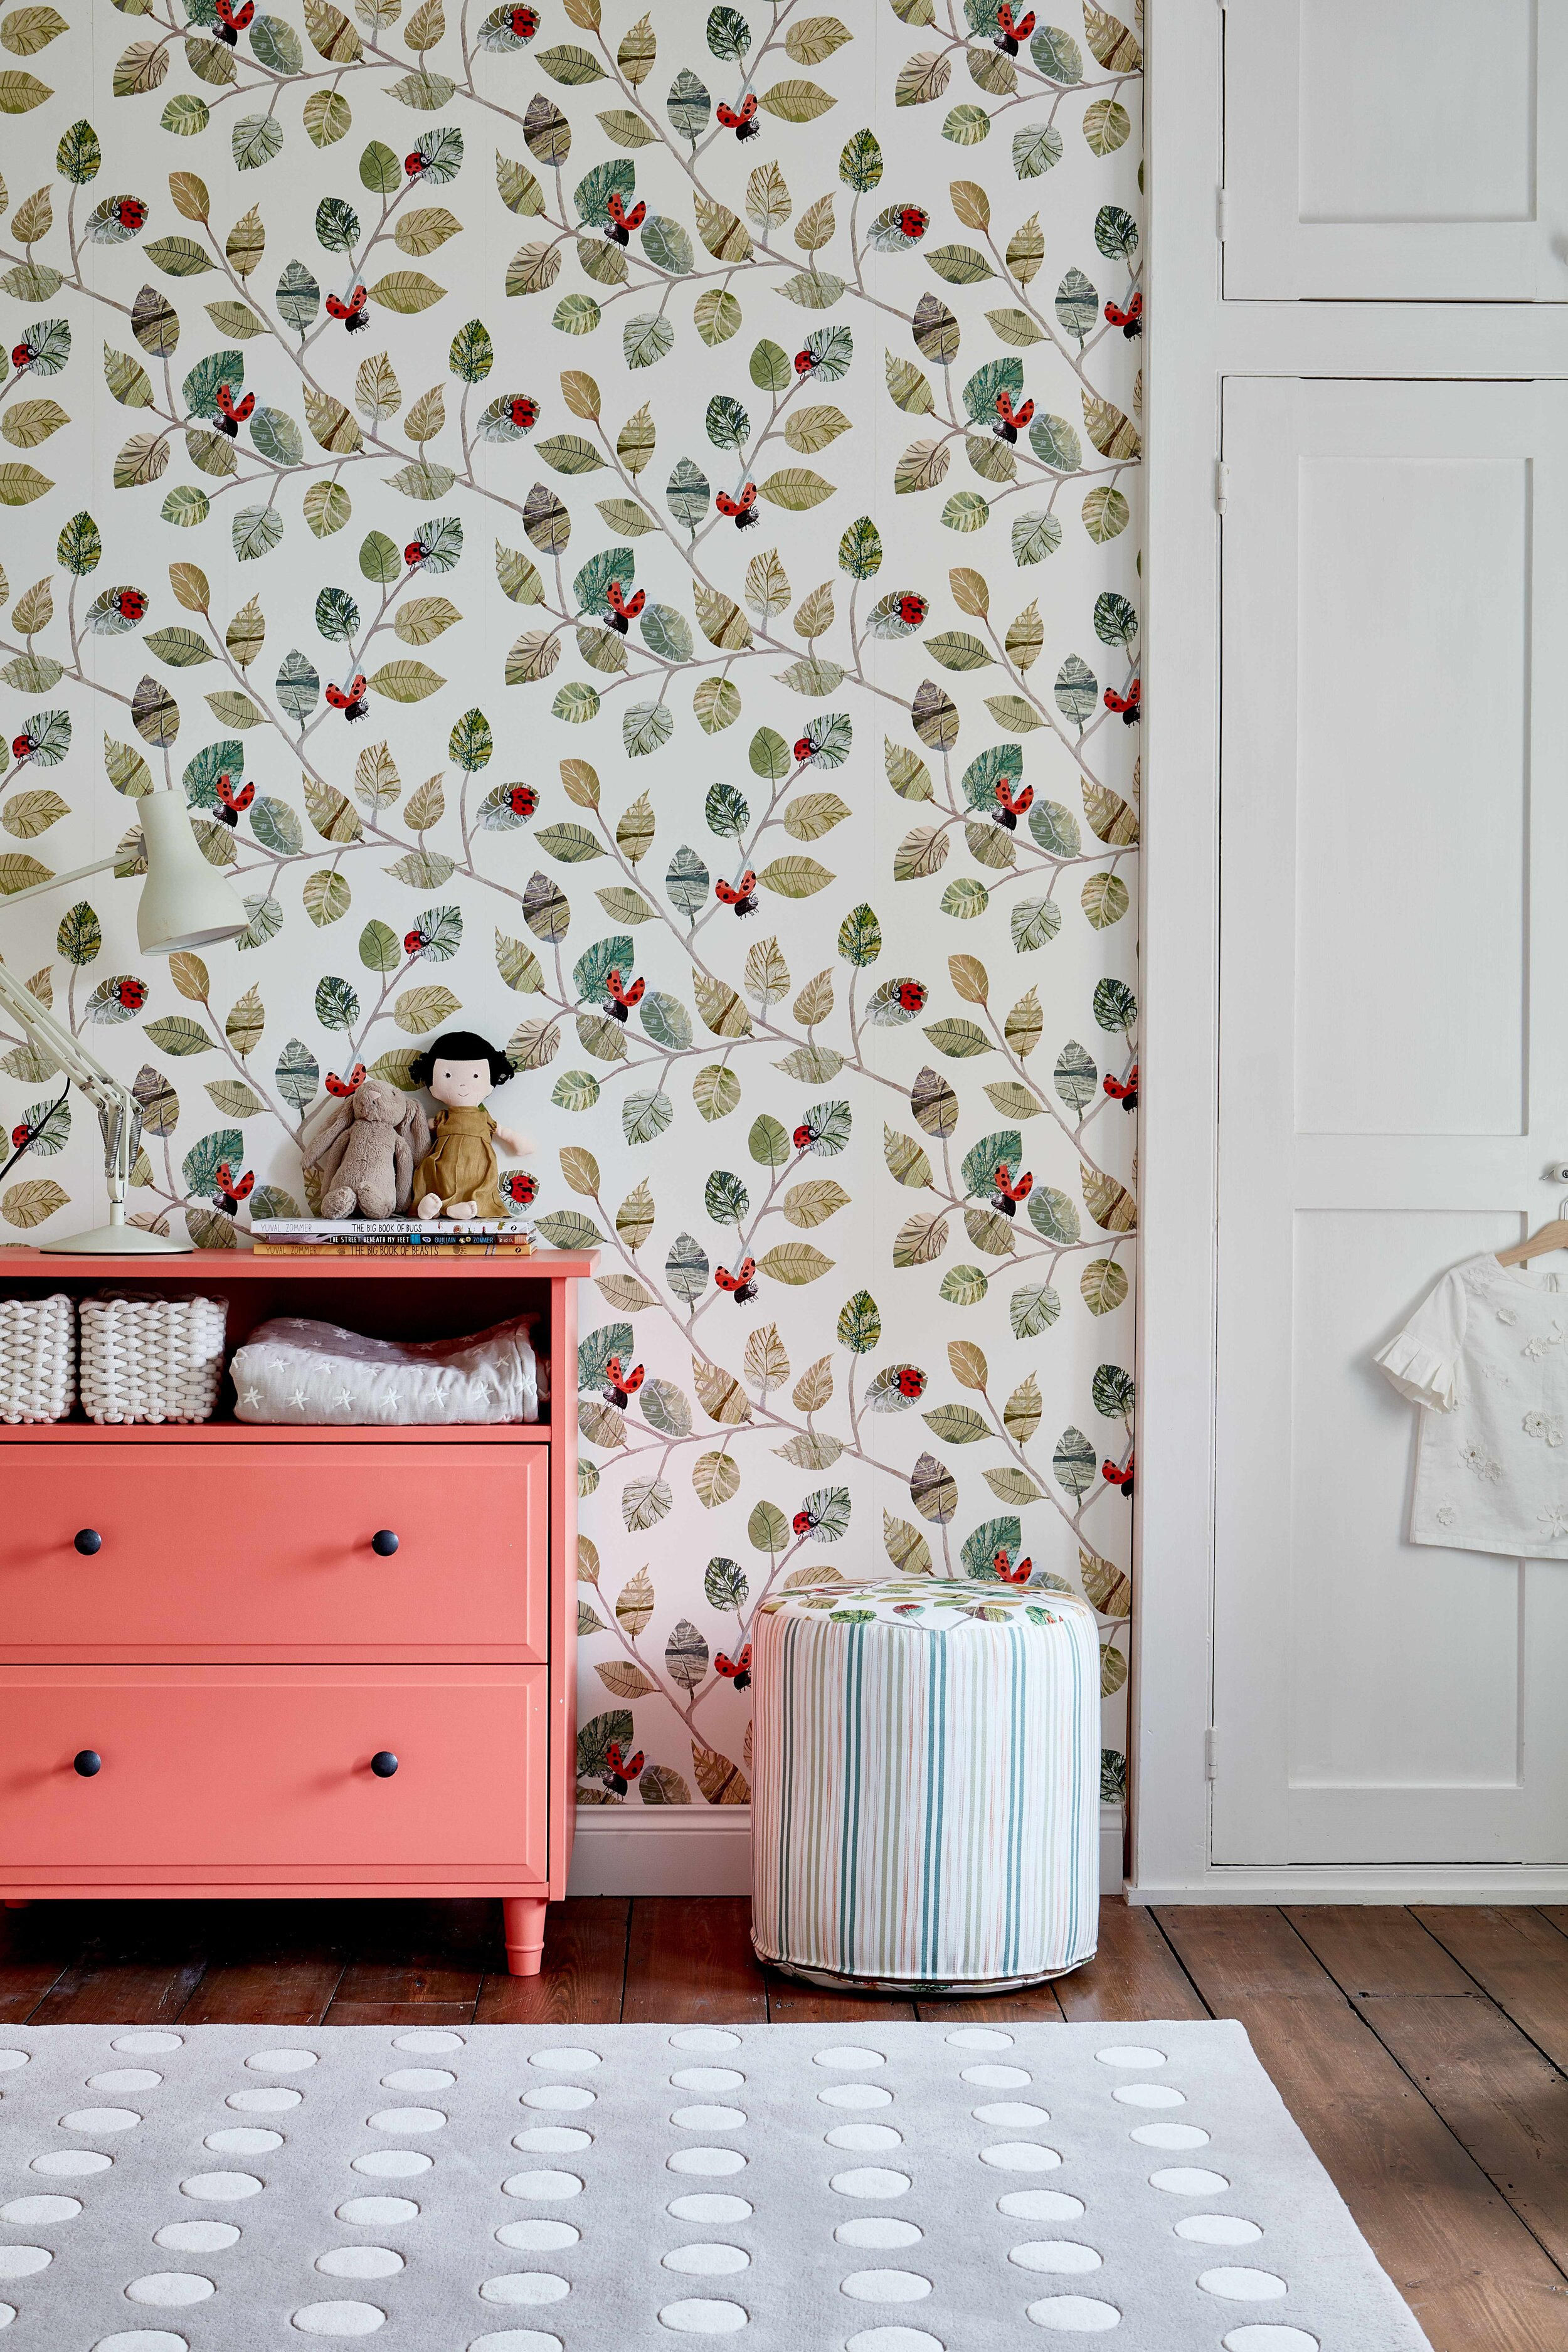 Zommer---Orchard---Wallpaper-008 (2).jpg